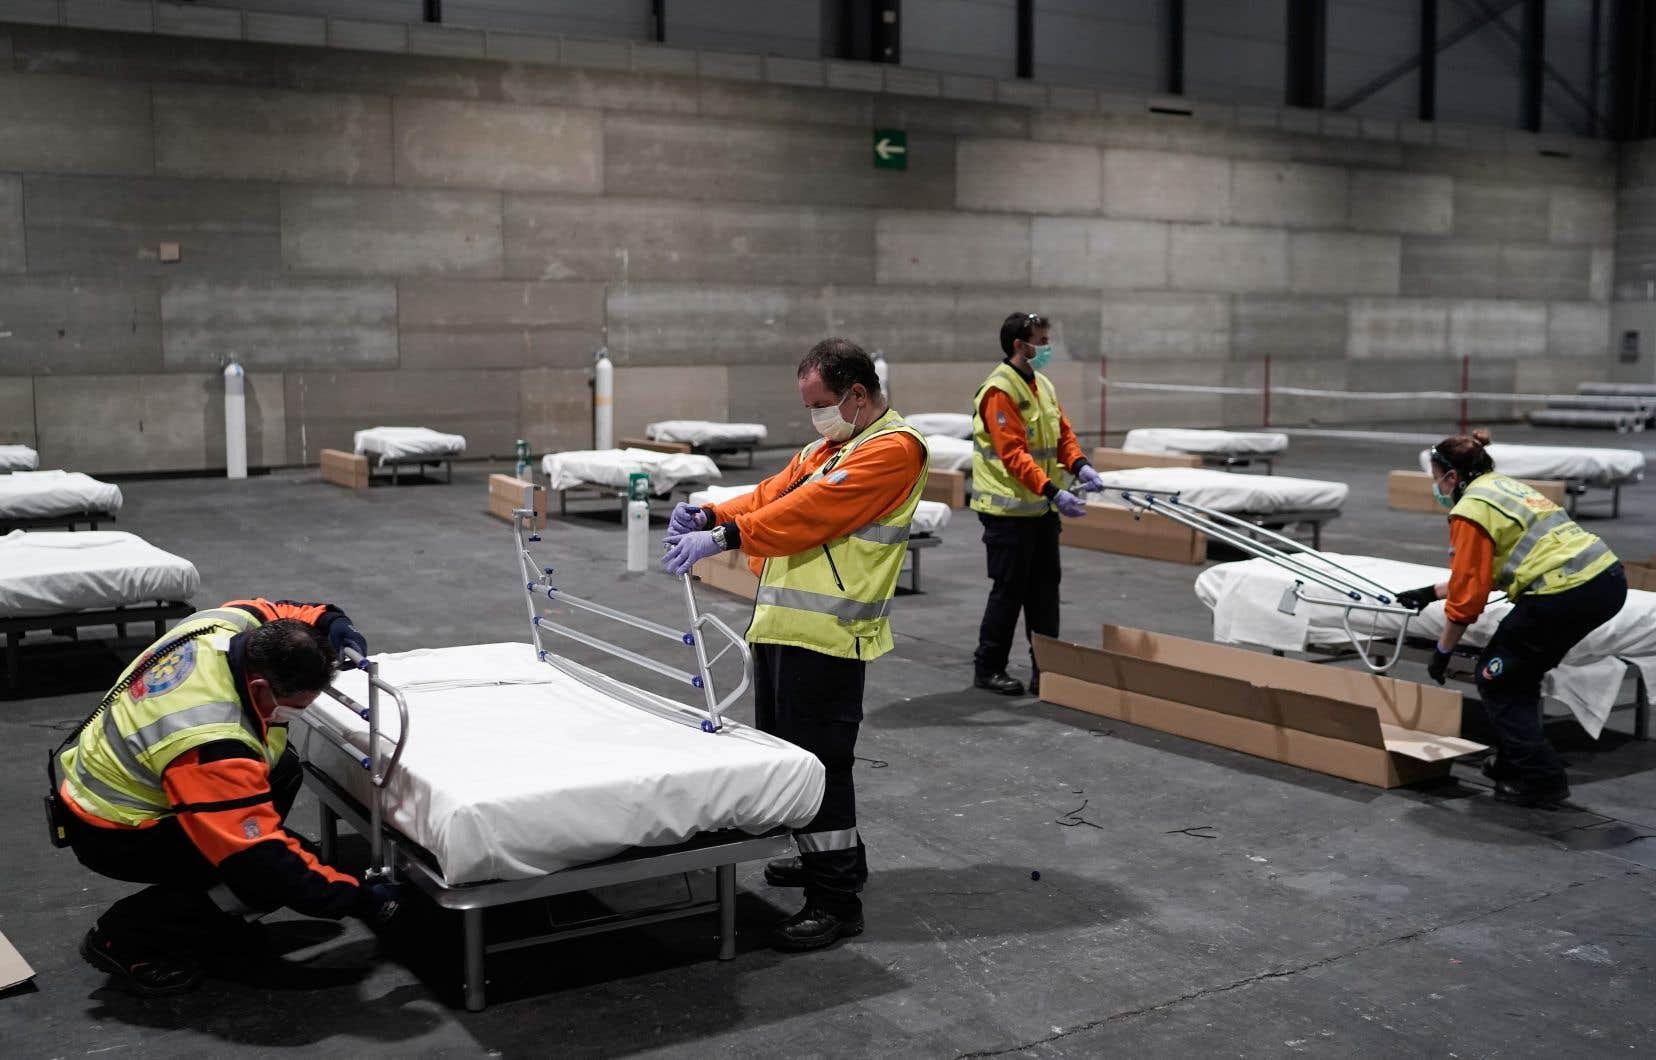 Des travailleurs installent des lits d'hôpital temporaires aménagés pour les patients atteints du coronavirus dans un pavillon du centre de conventions et d'expositions Ifema à Madrid, le 21 mars 2020.